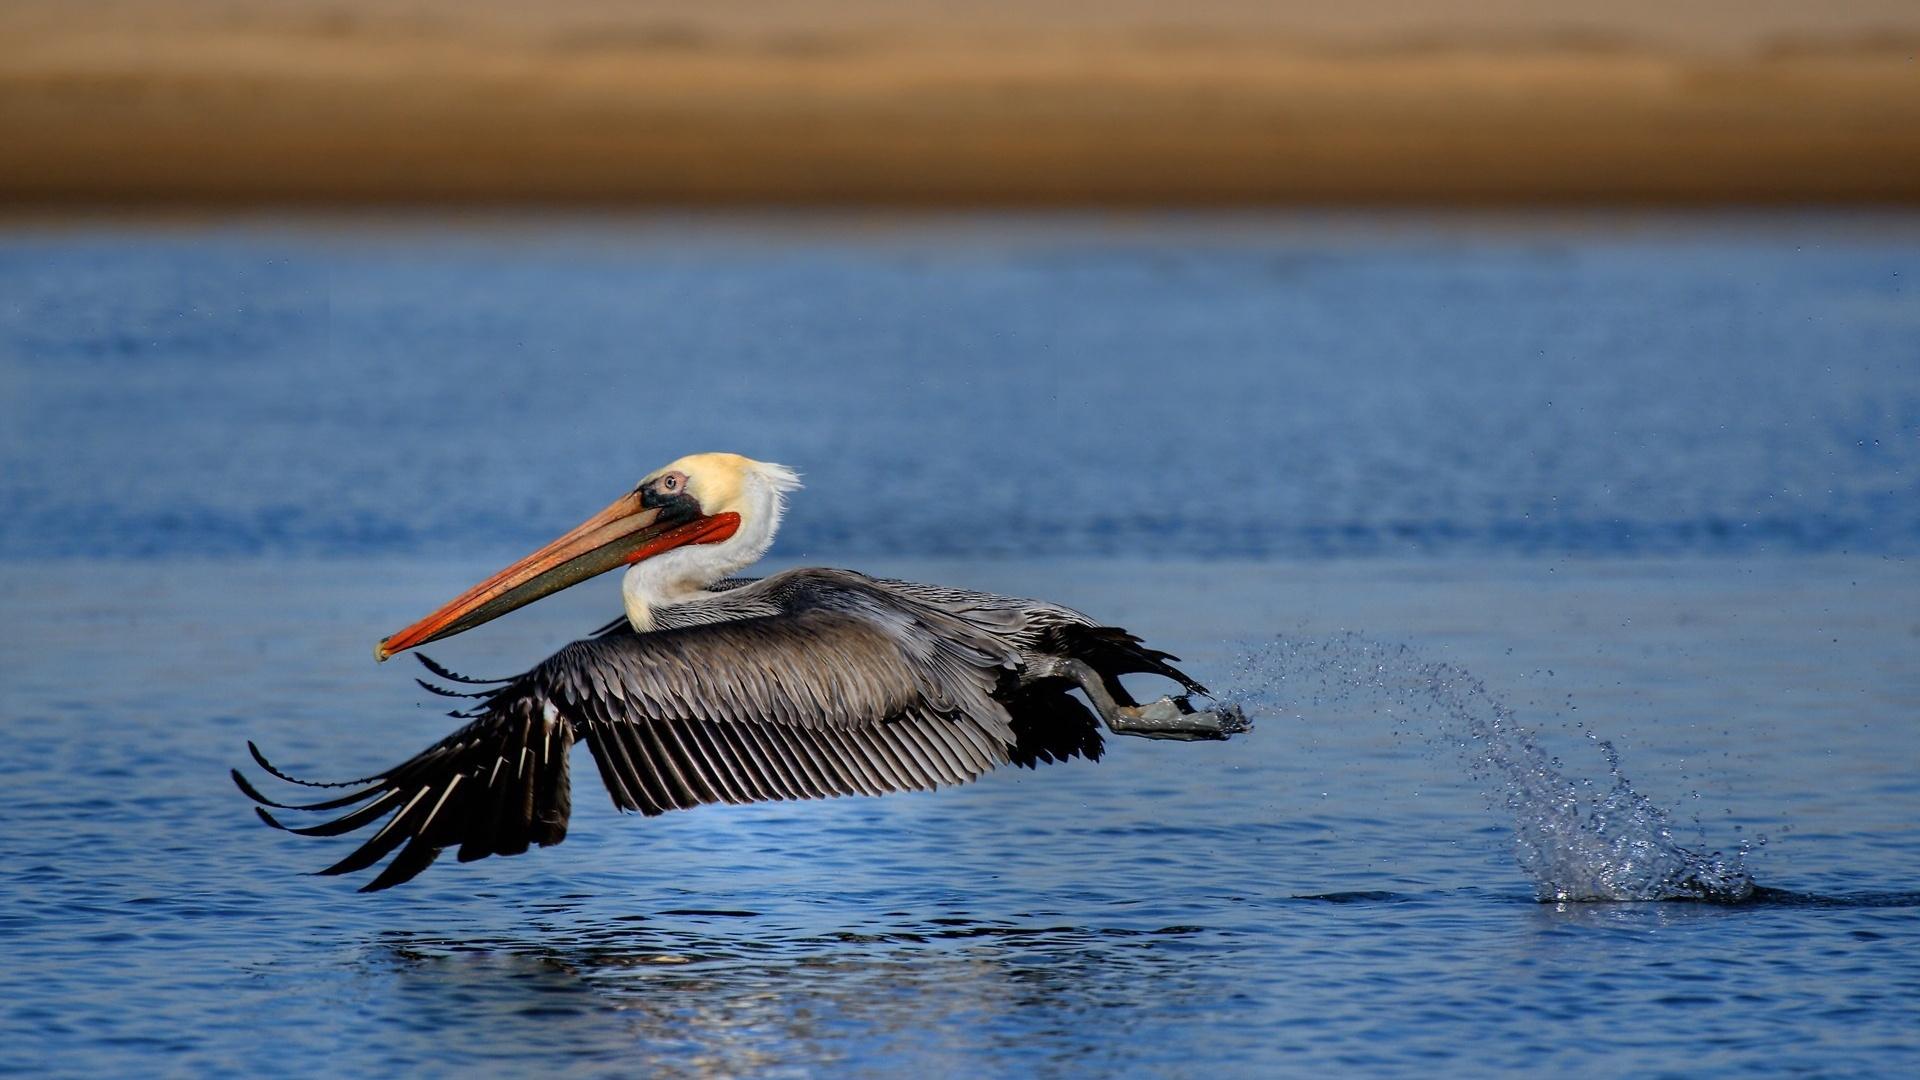 Pelican wallpaper for desktop